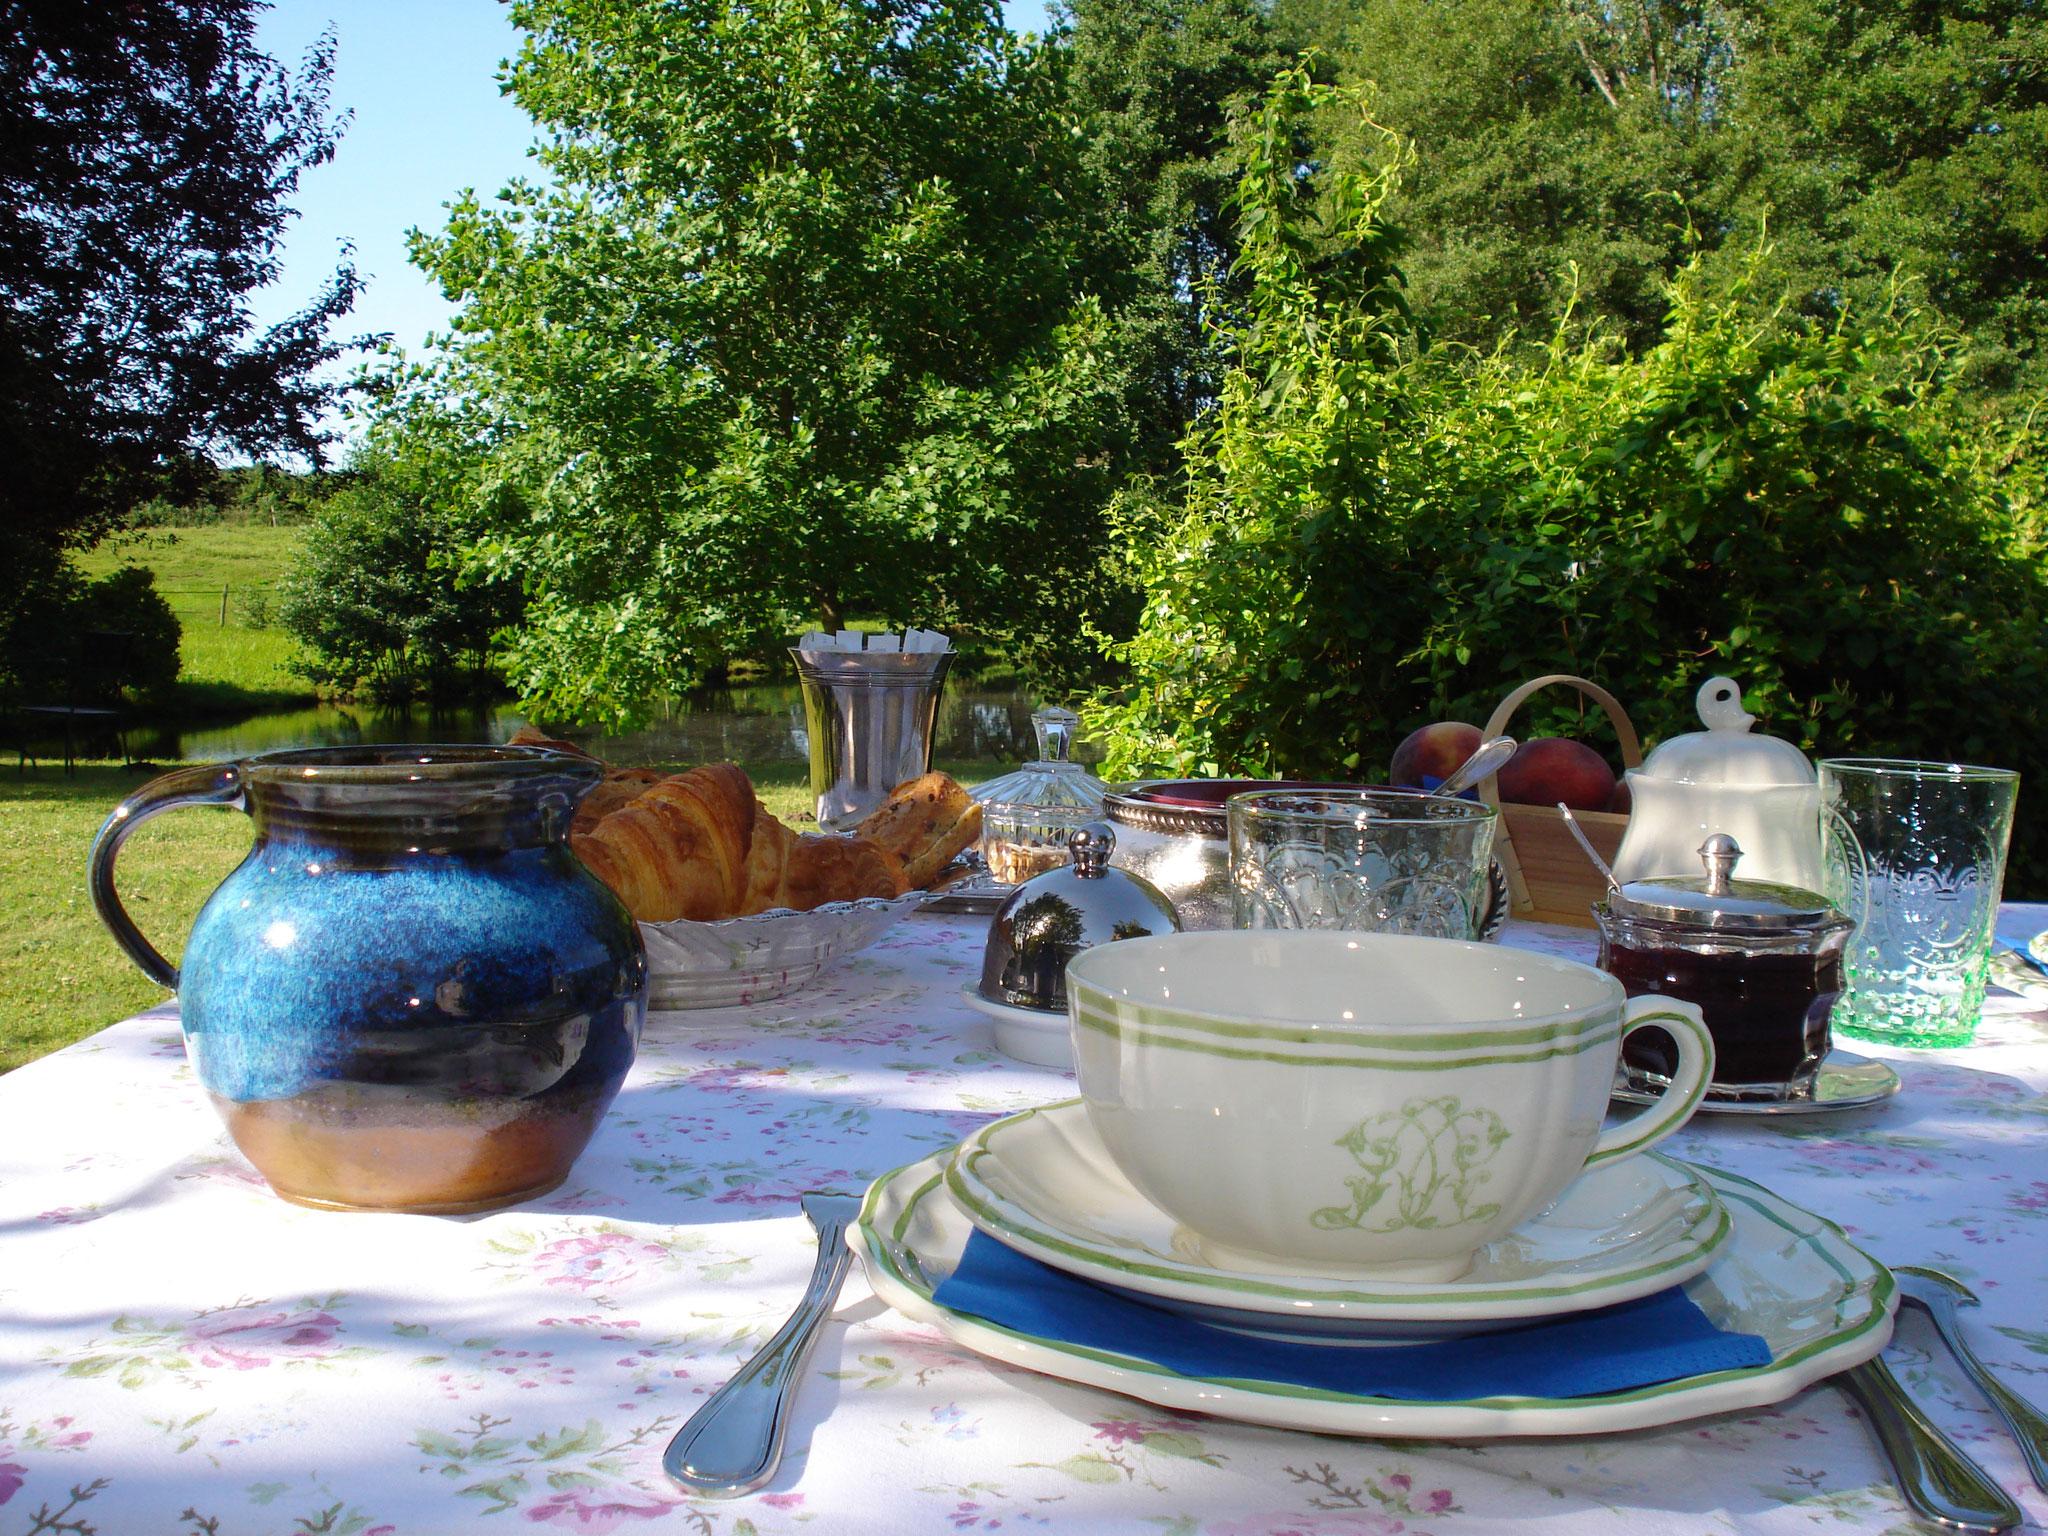 Petits déjeuners servis au jardin